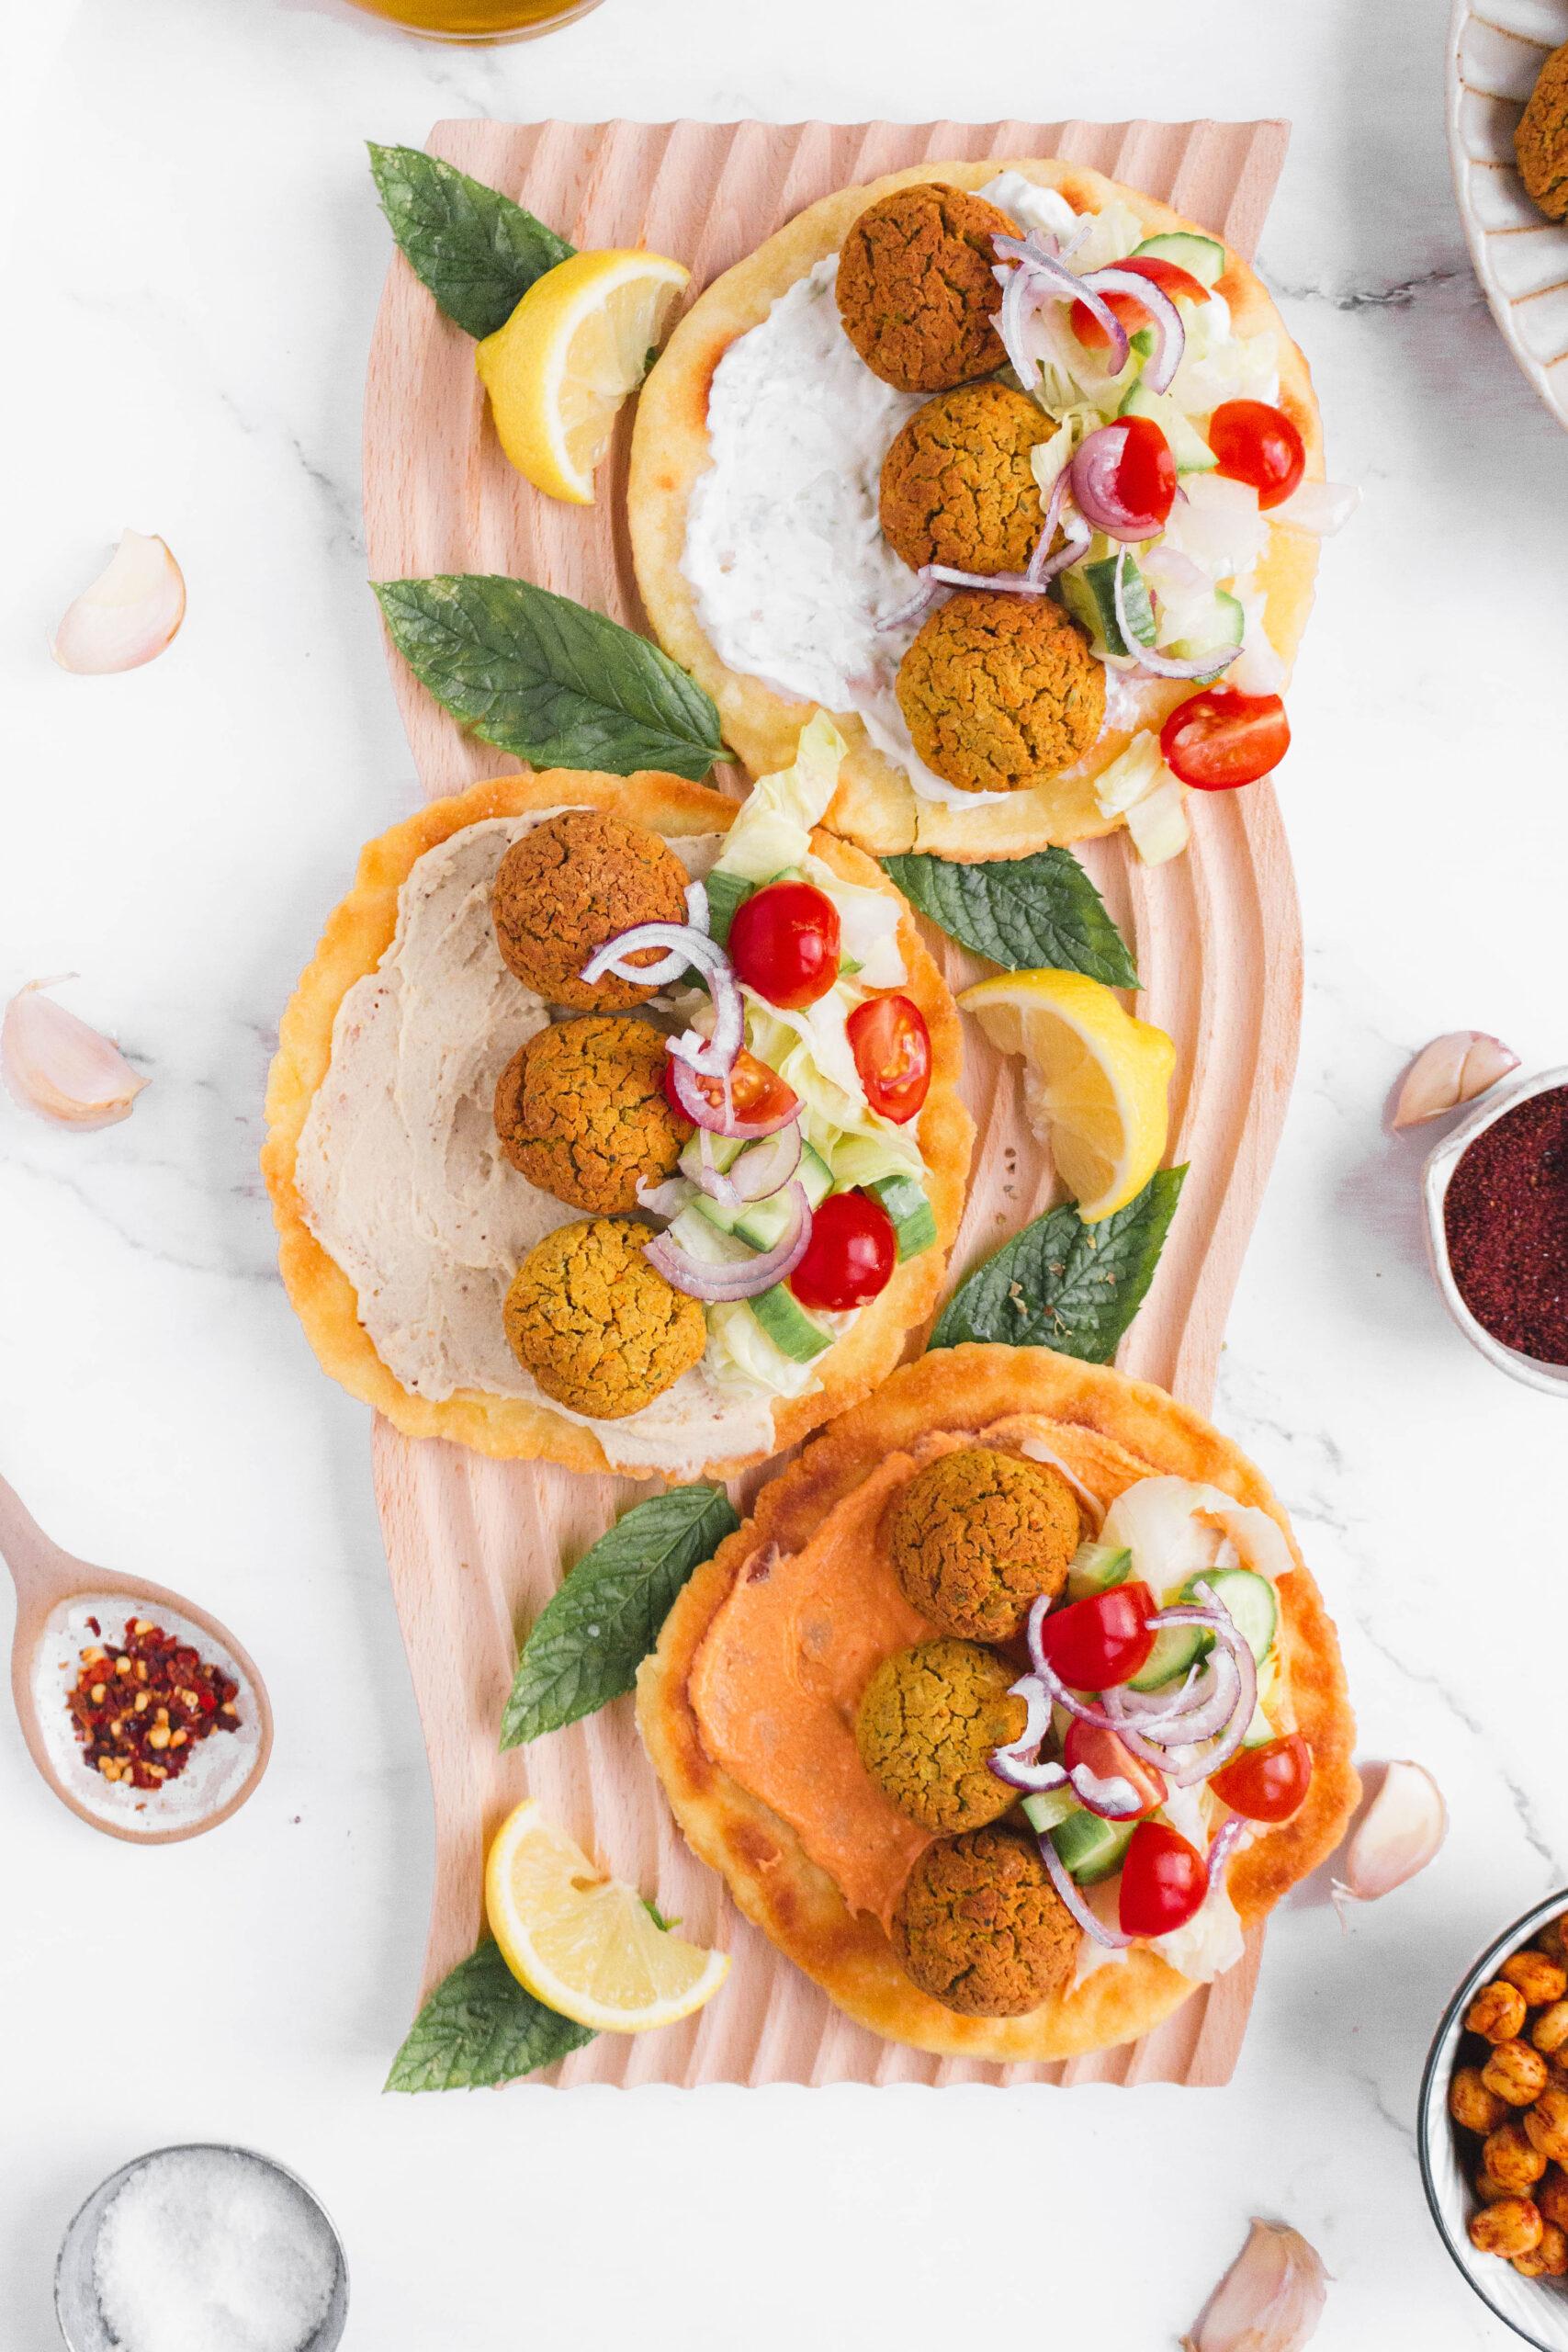 falafel serving